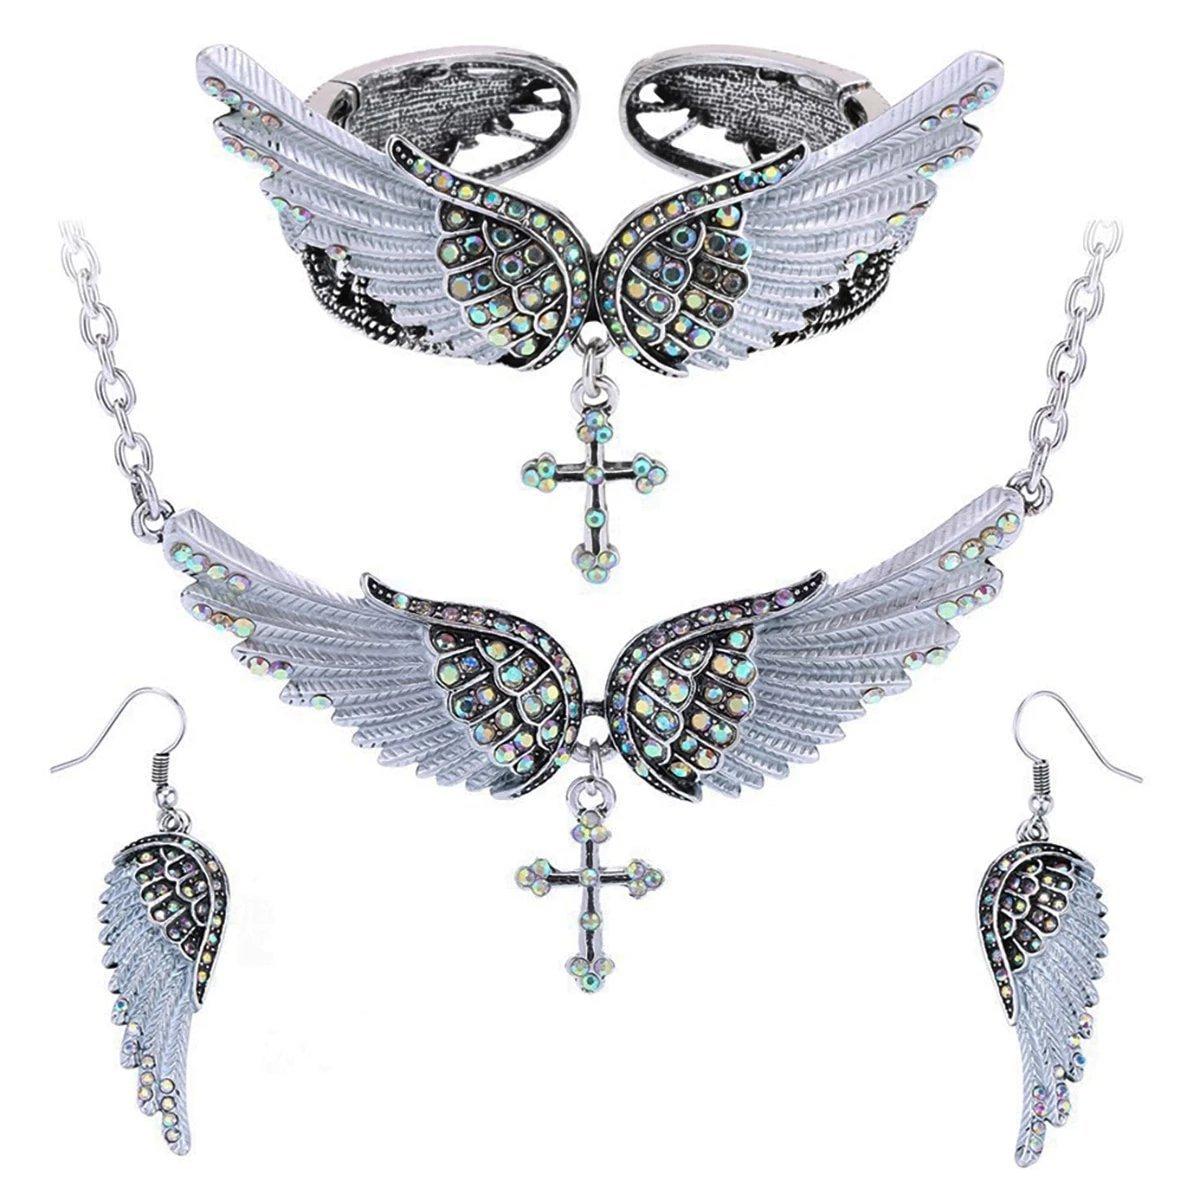 angel wing cross necklace earrings bracelet set women biker jewelry birthday gifts her mom wife